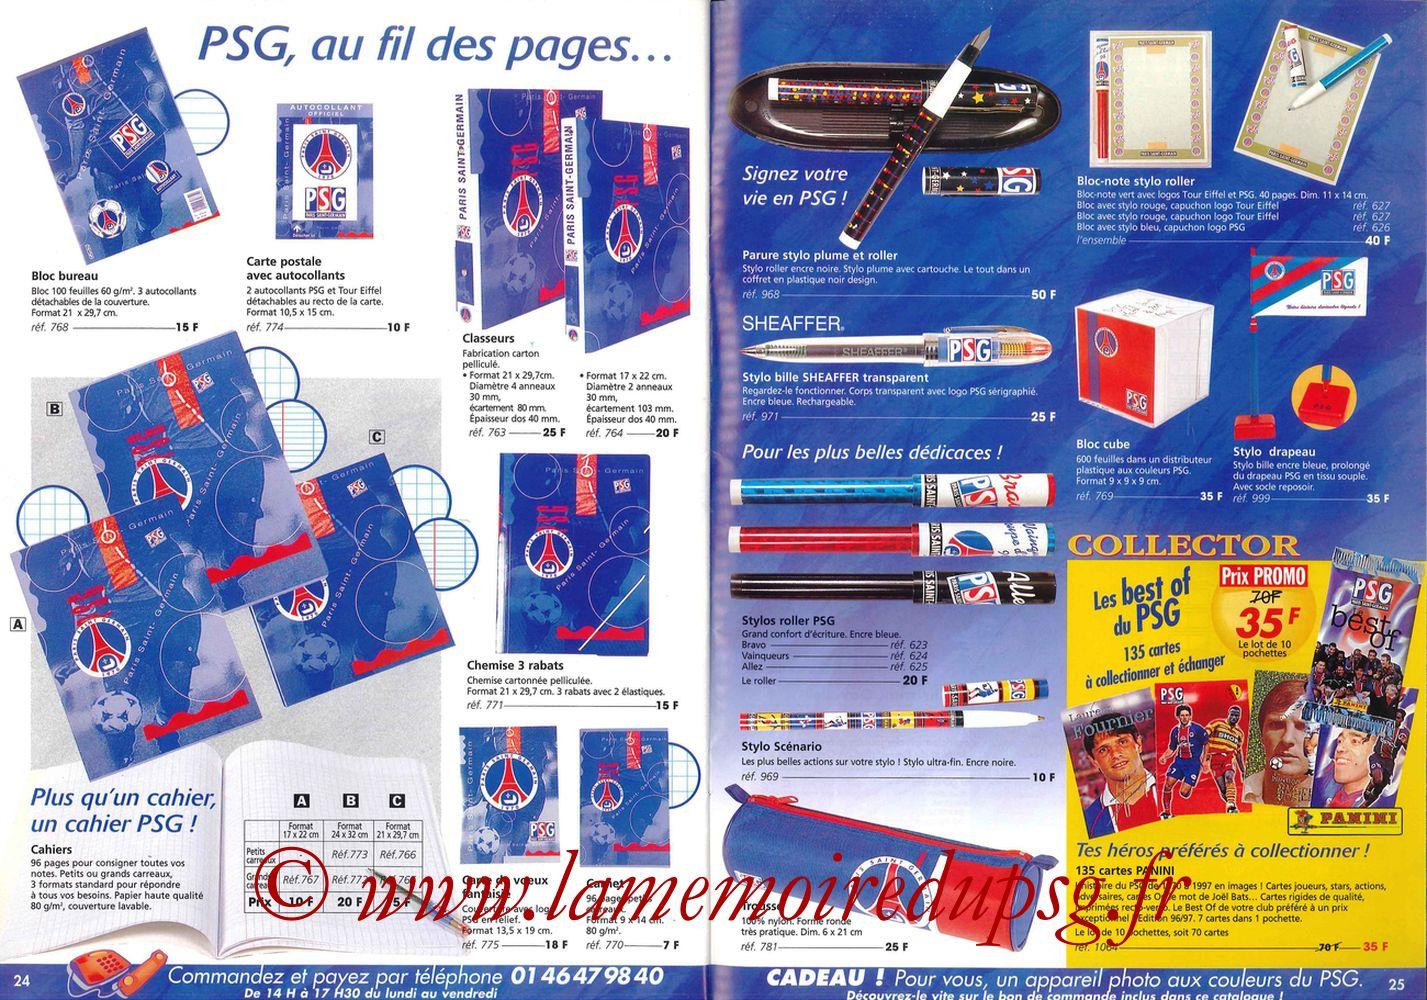 Catalogue PSG - 1997-98 - Pages 24 et 25